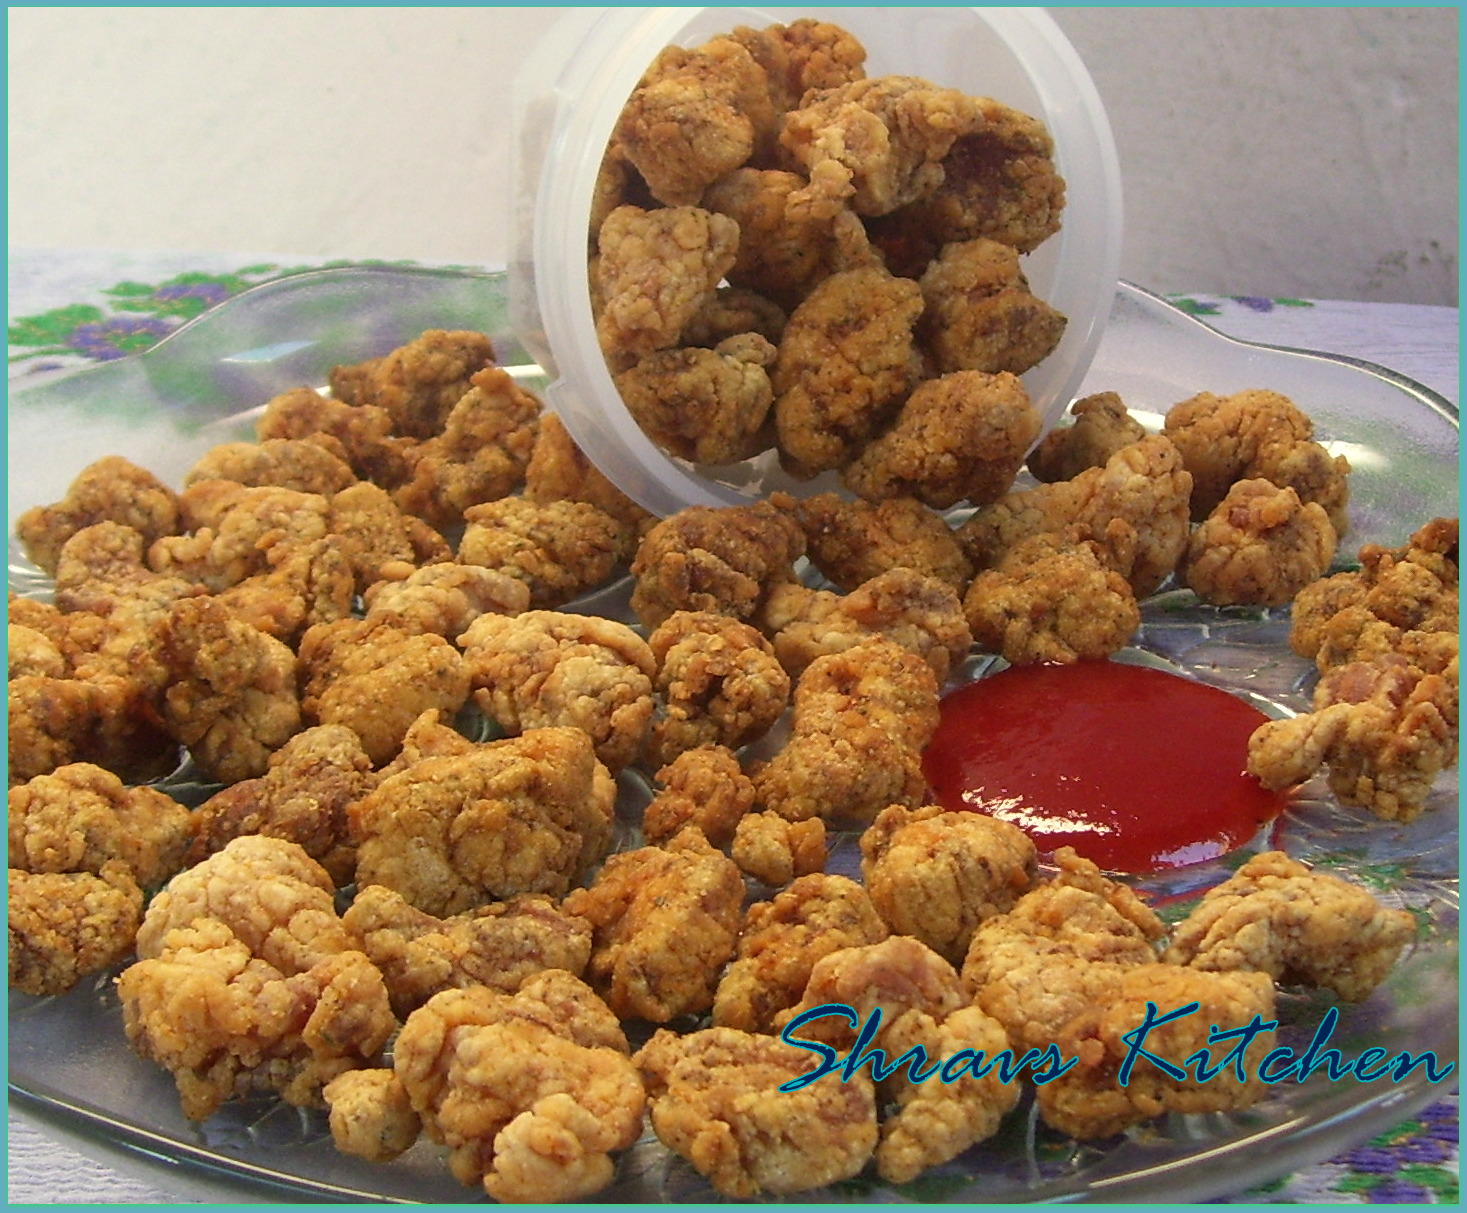 Shravs Kitchen: POPCORN CHICKEN